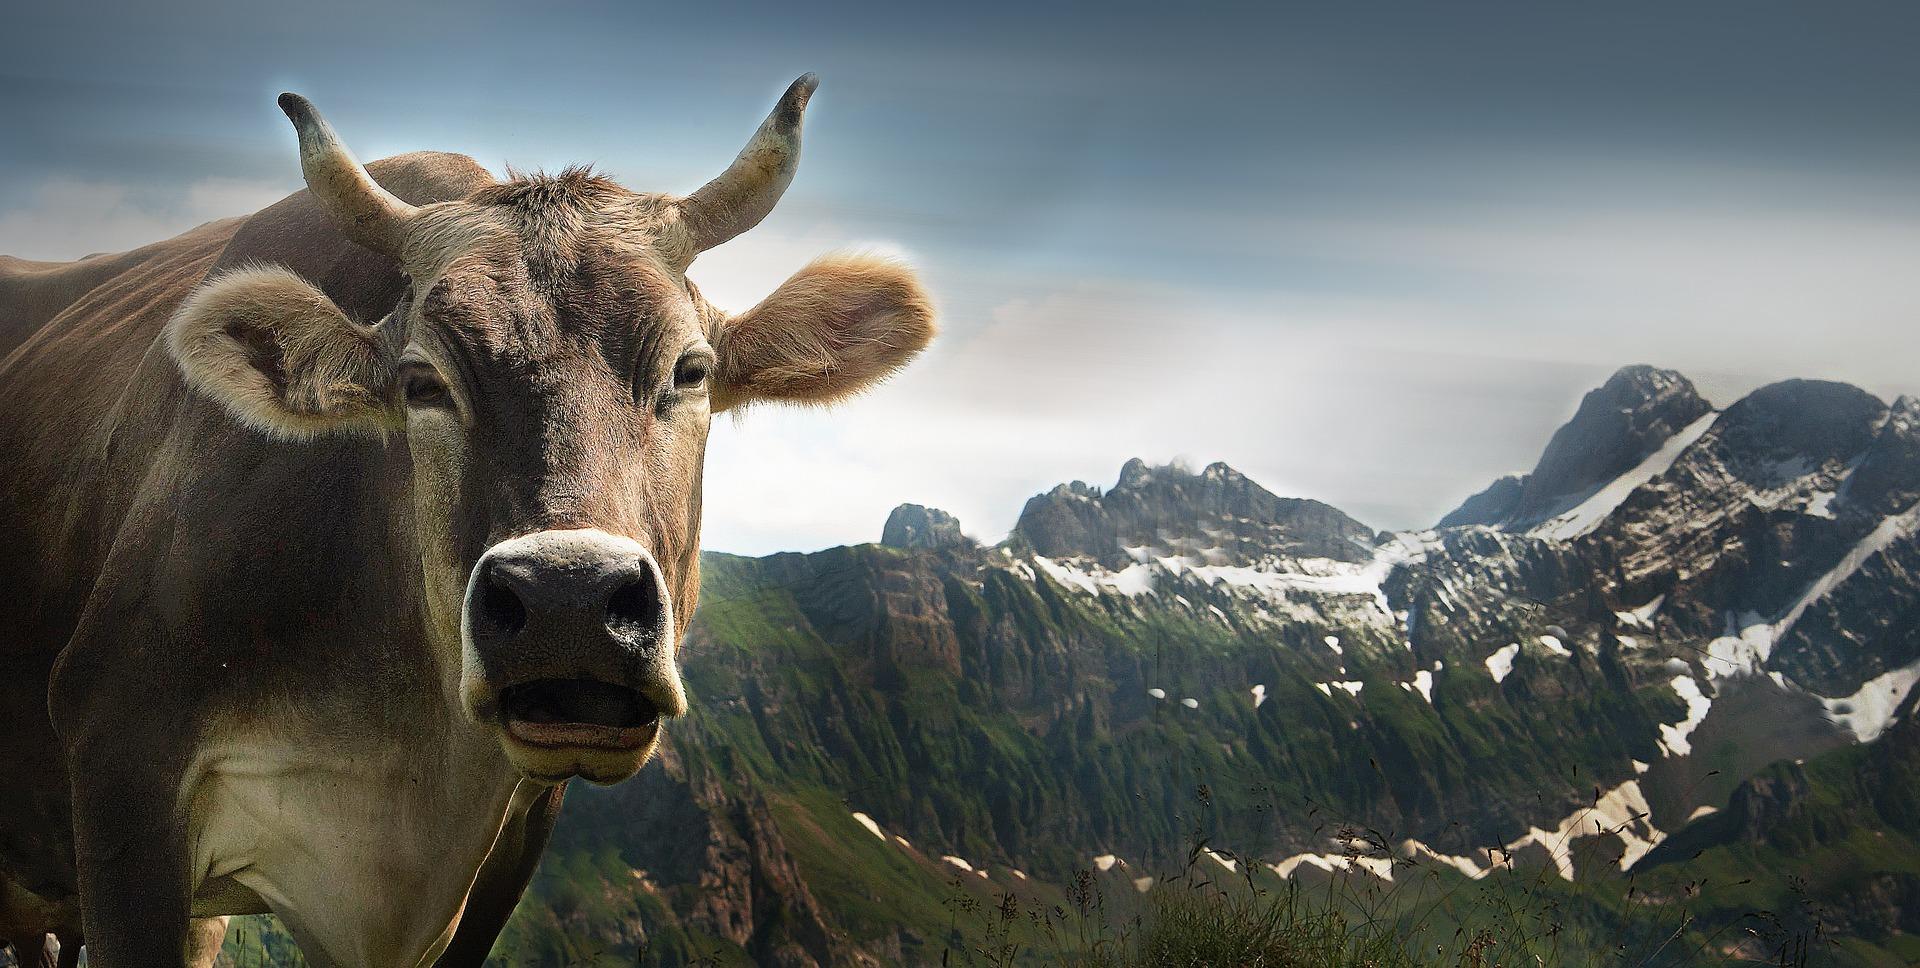 Si j'étais une vache, je voudrais garder mes cornes